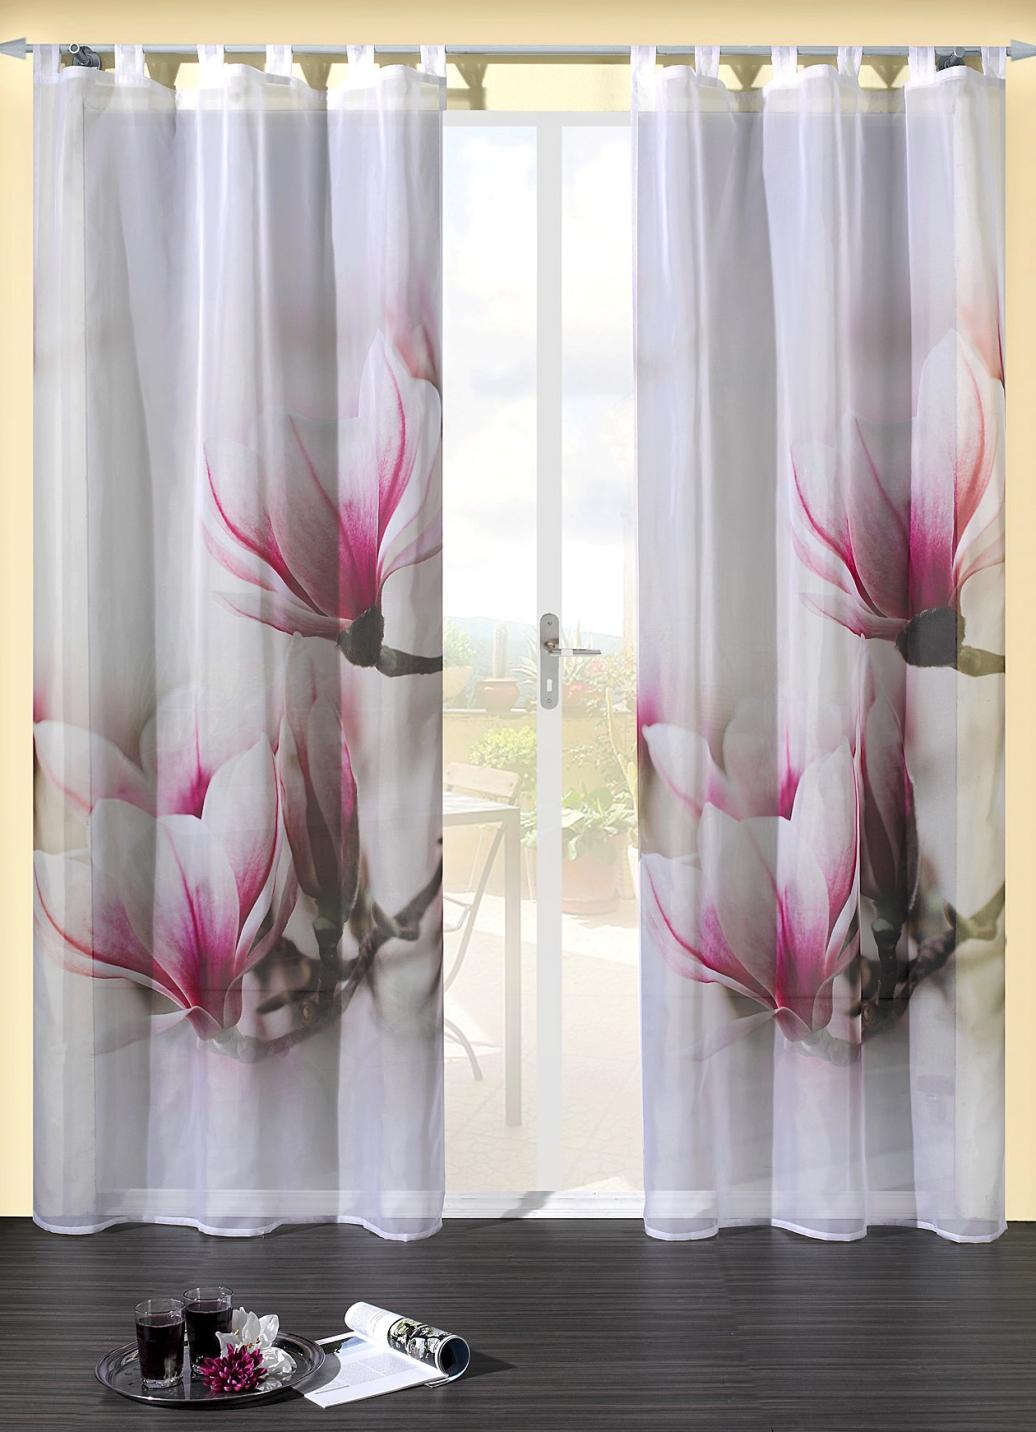 dekoschal magnolien gardinen brigitte hachenburg. Black Bedroom Furniture Sets. Home Design Ideas